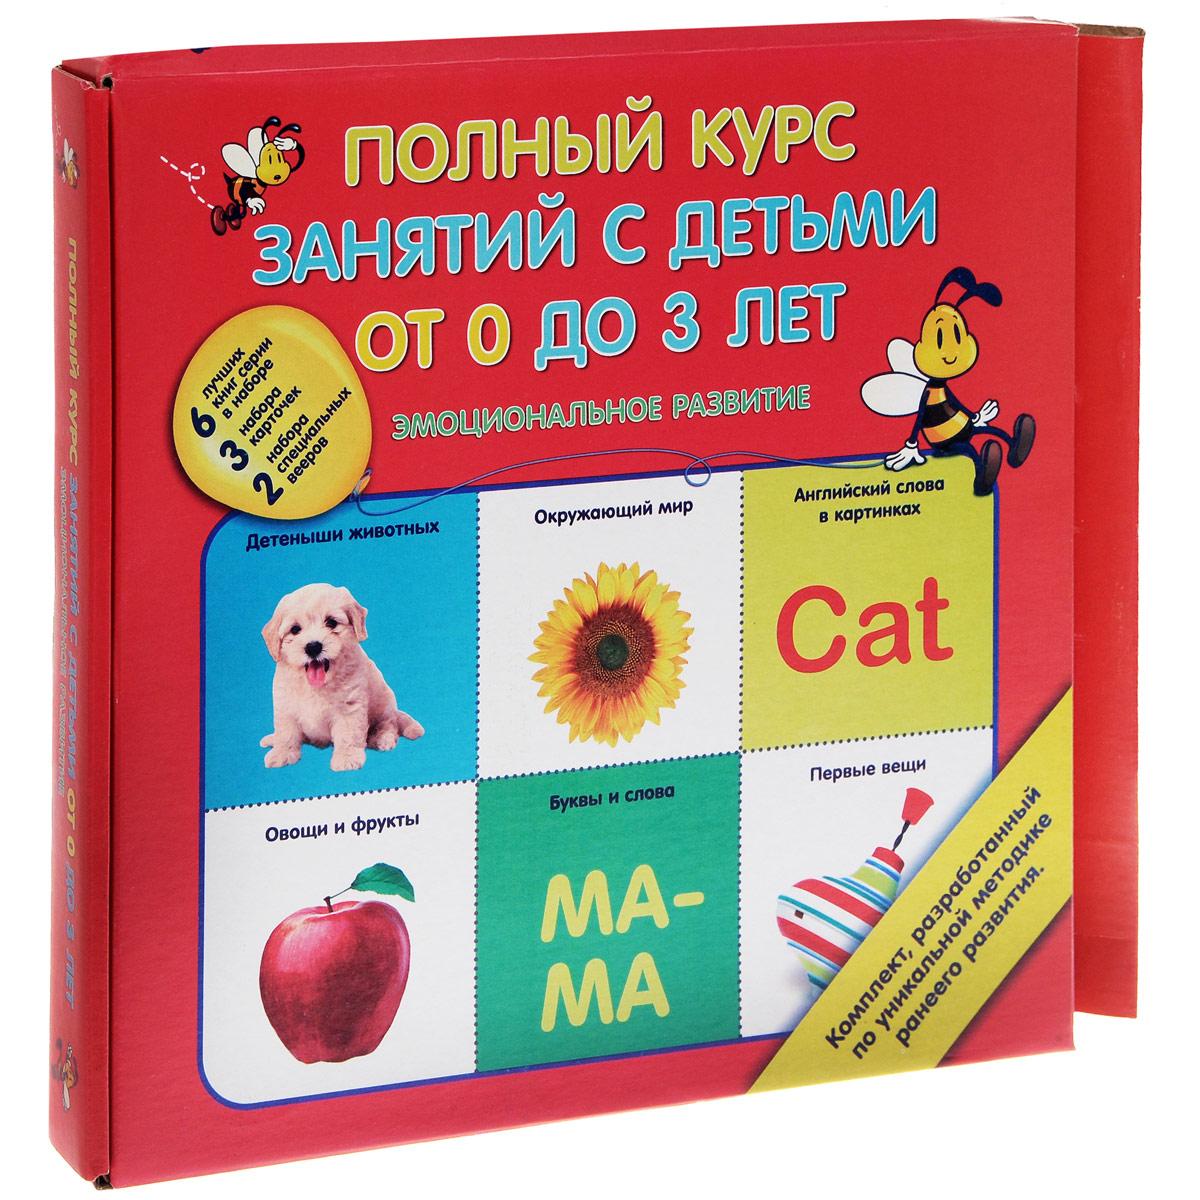 Развивающие книги для детей 1 - 2 года. список – жили-были